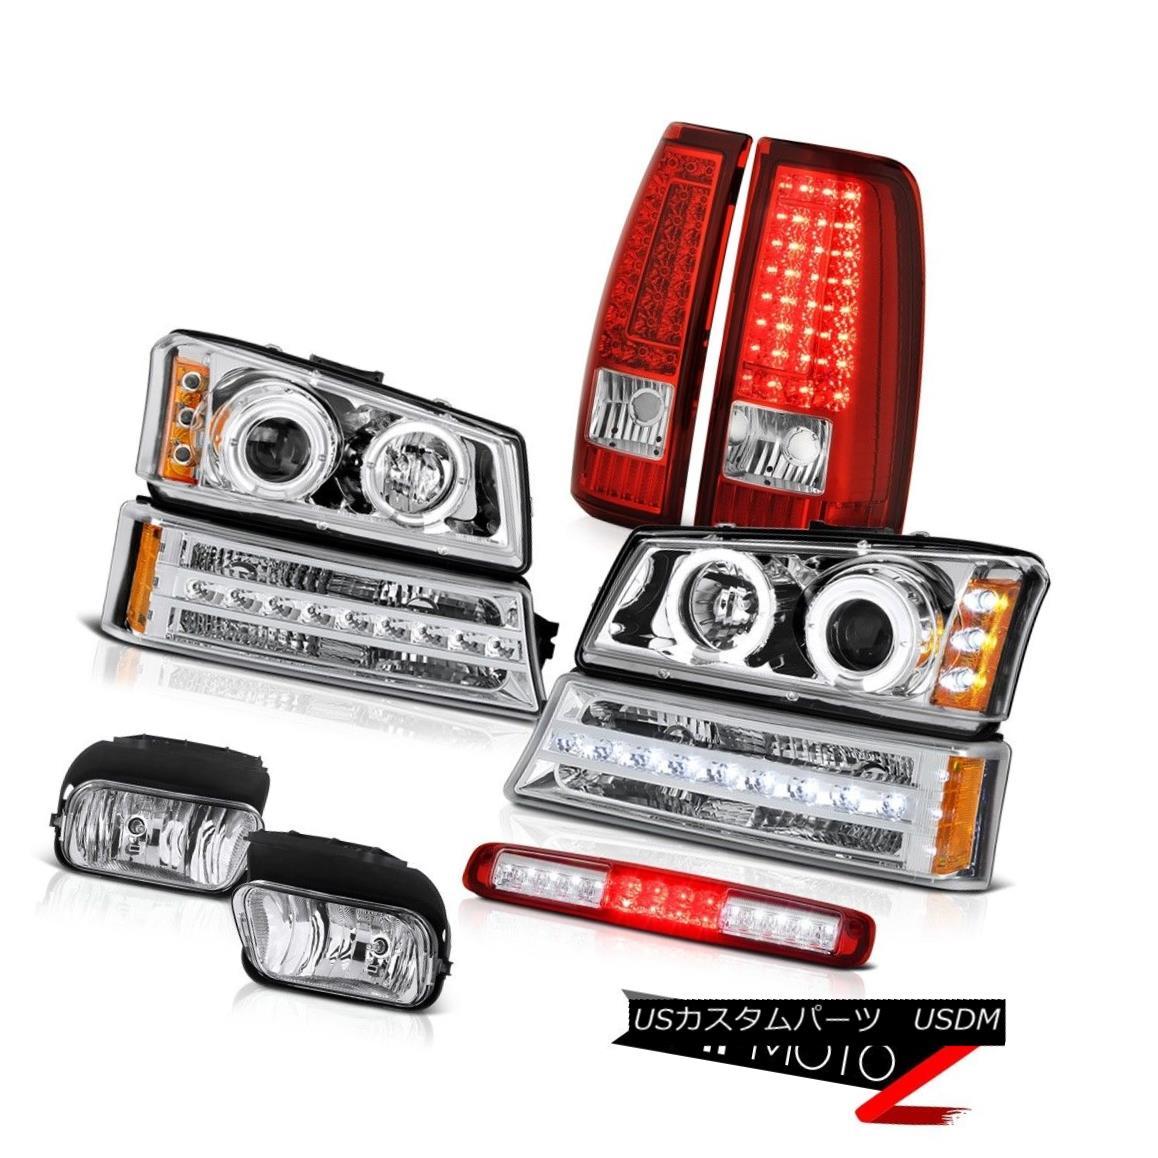 テールライト 03-06 Silverado Rosso Red 3RD Brake Lamp Fog Lights Taillamps Parking Headlights 03-06 Silverado Rosso Red 3RDブレーキランプフォグライトタイルランプパーキングヘッドライト